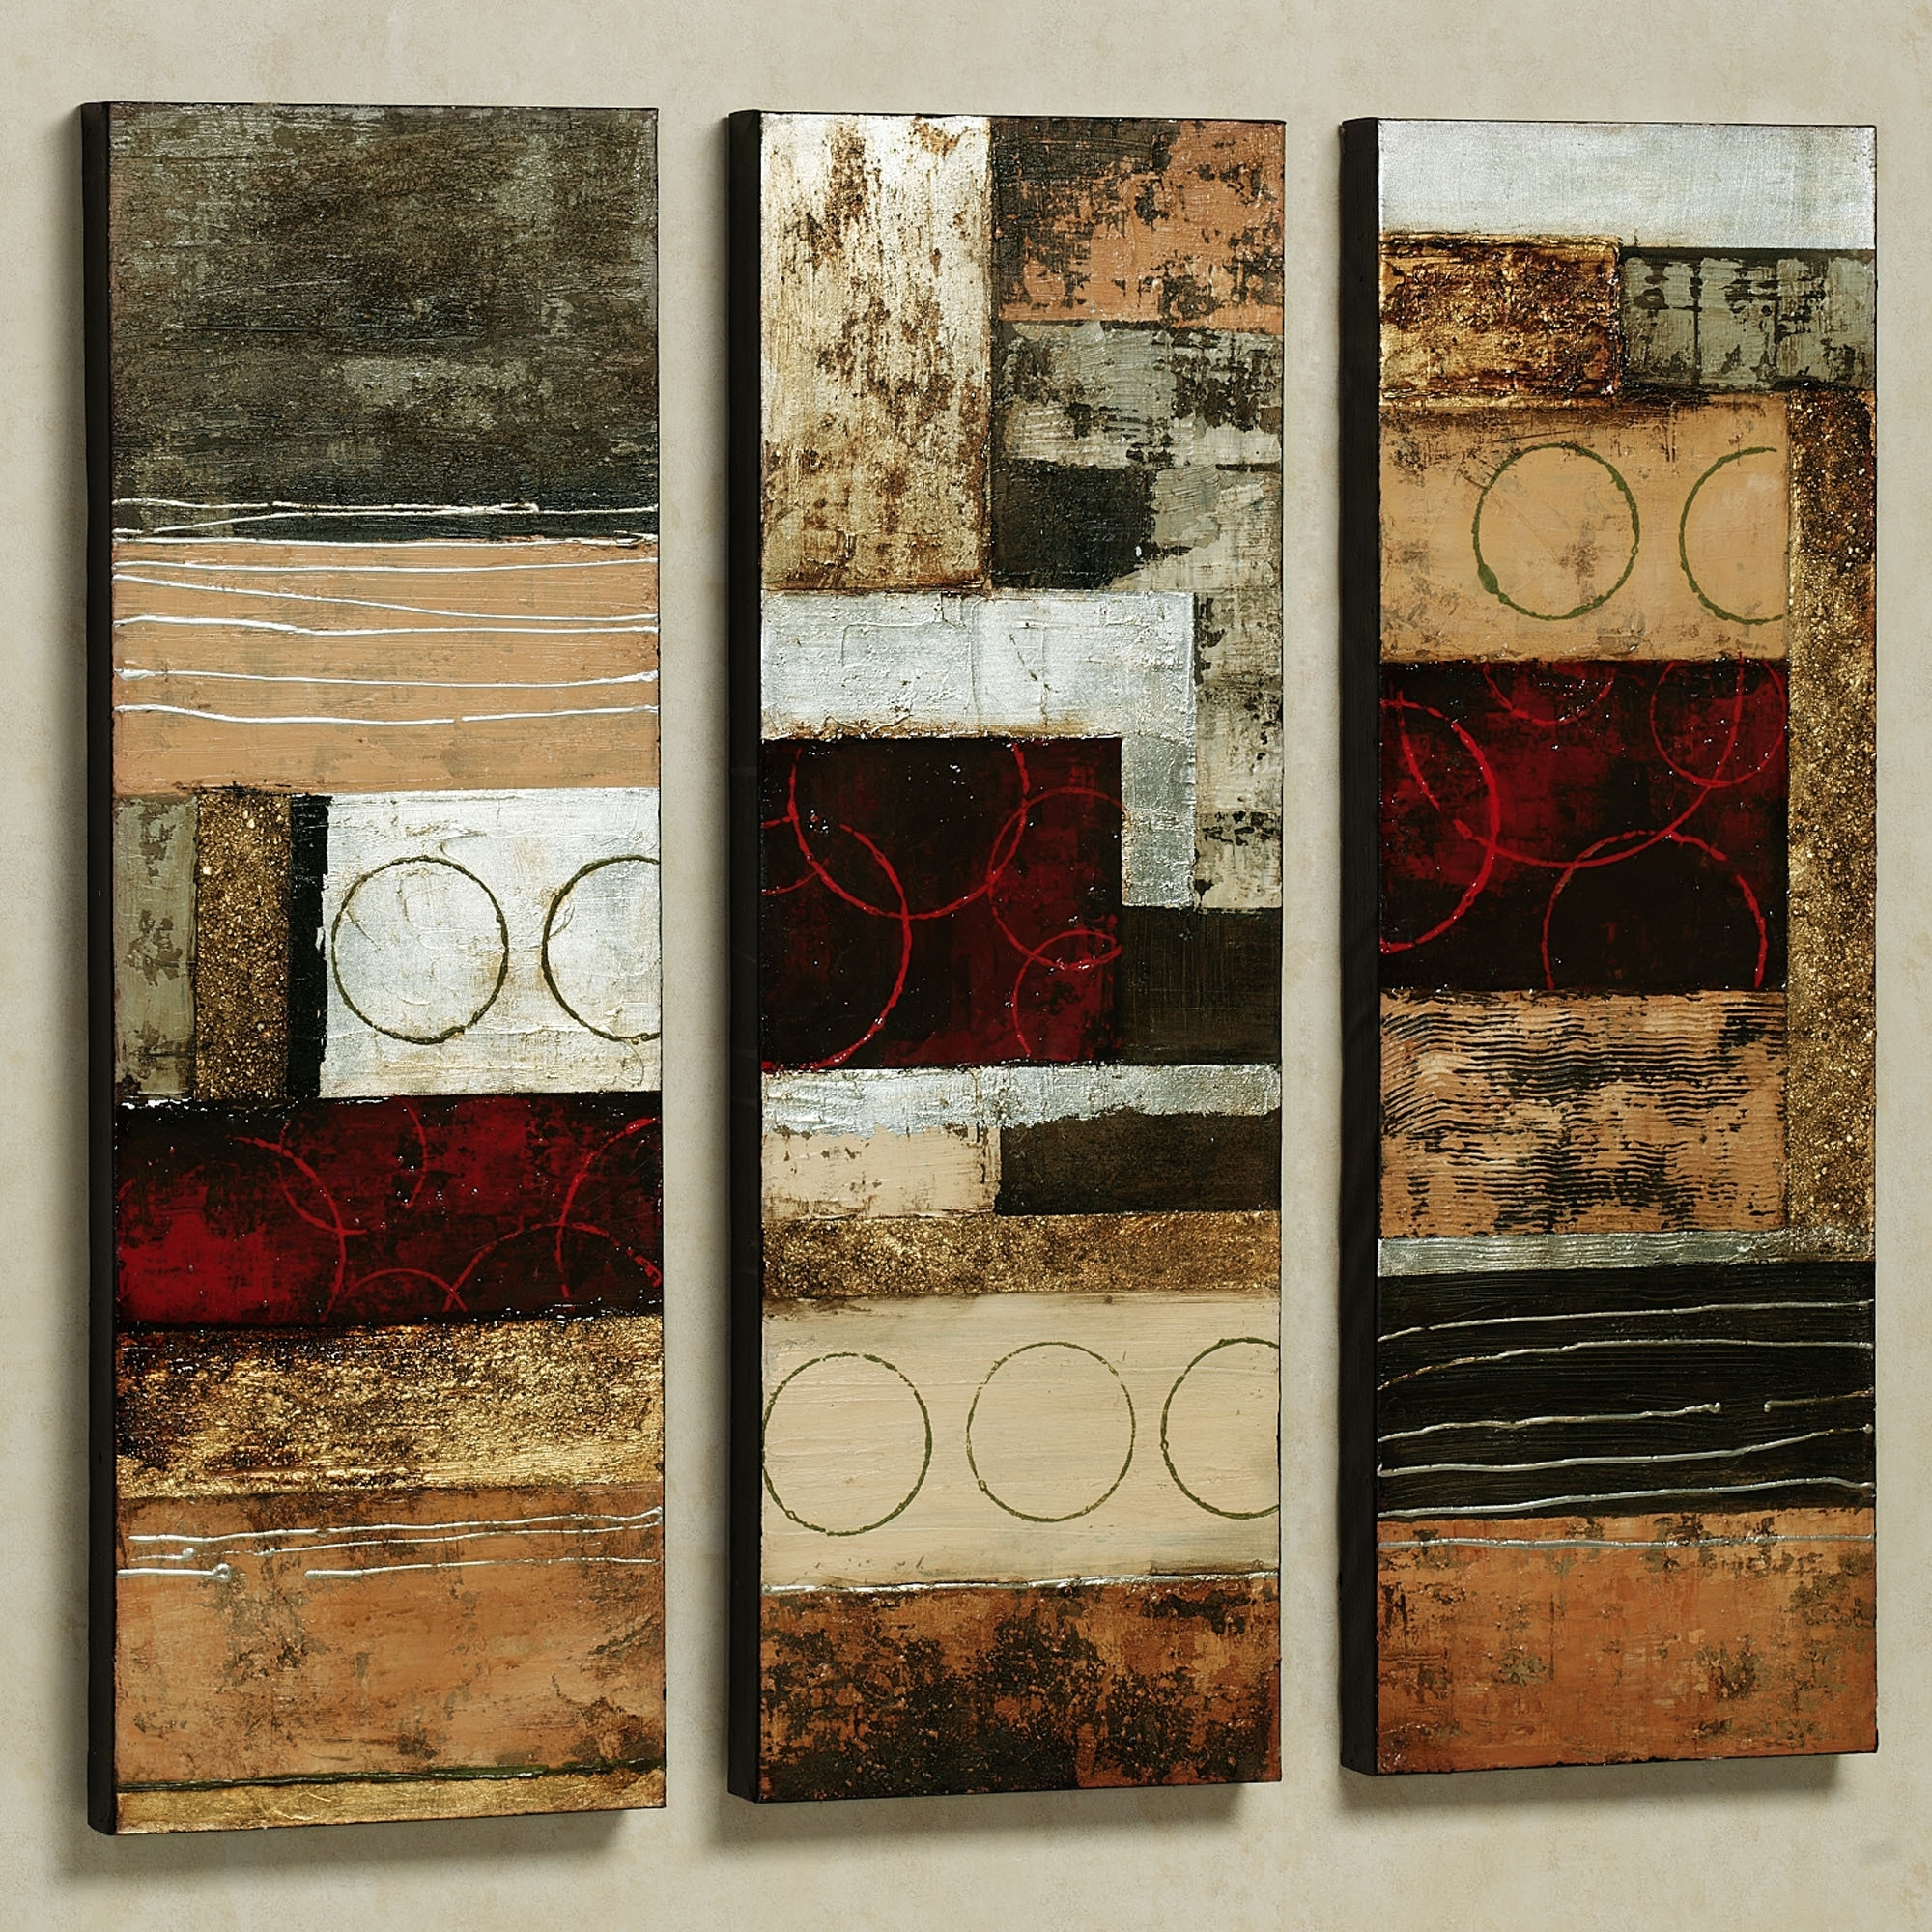 Newest Brown Framed Wall Art Regarding Wall Art: Amazing Canvas Art Set 3 Piece Wall Art Amazon, Matching (View 13 of 15)